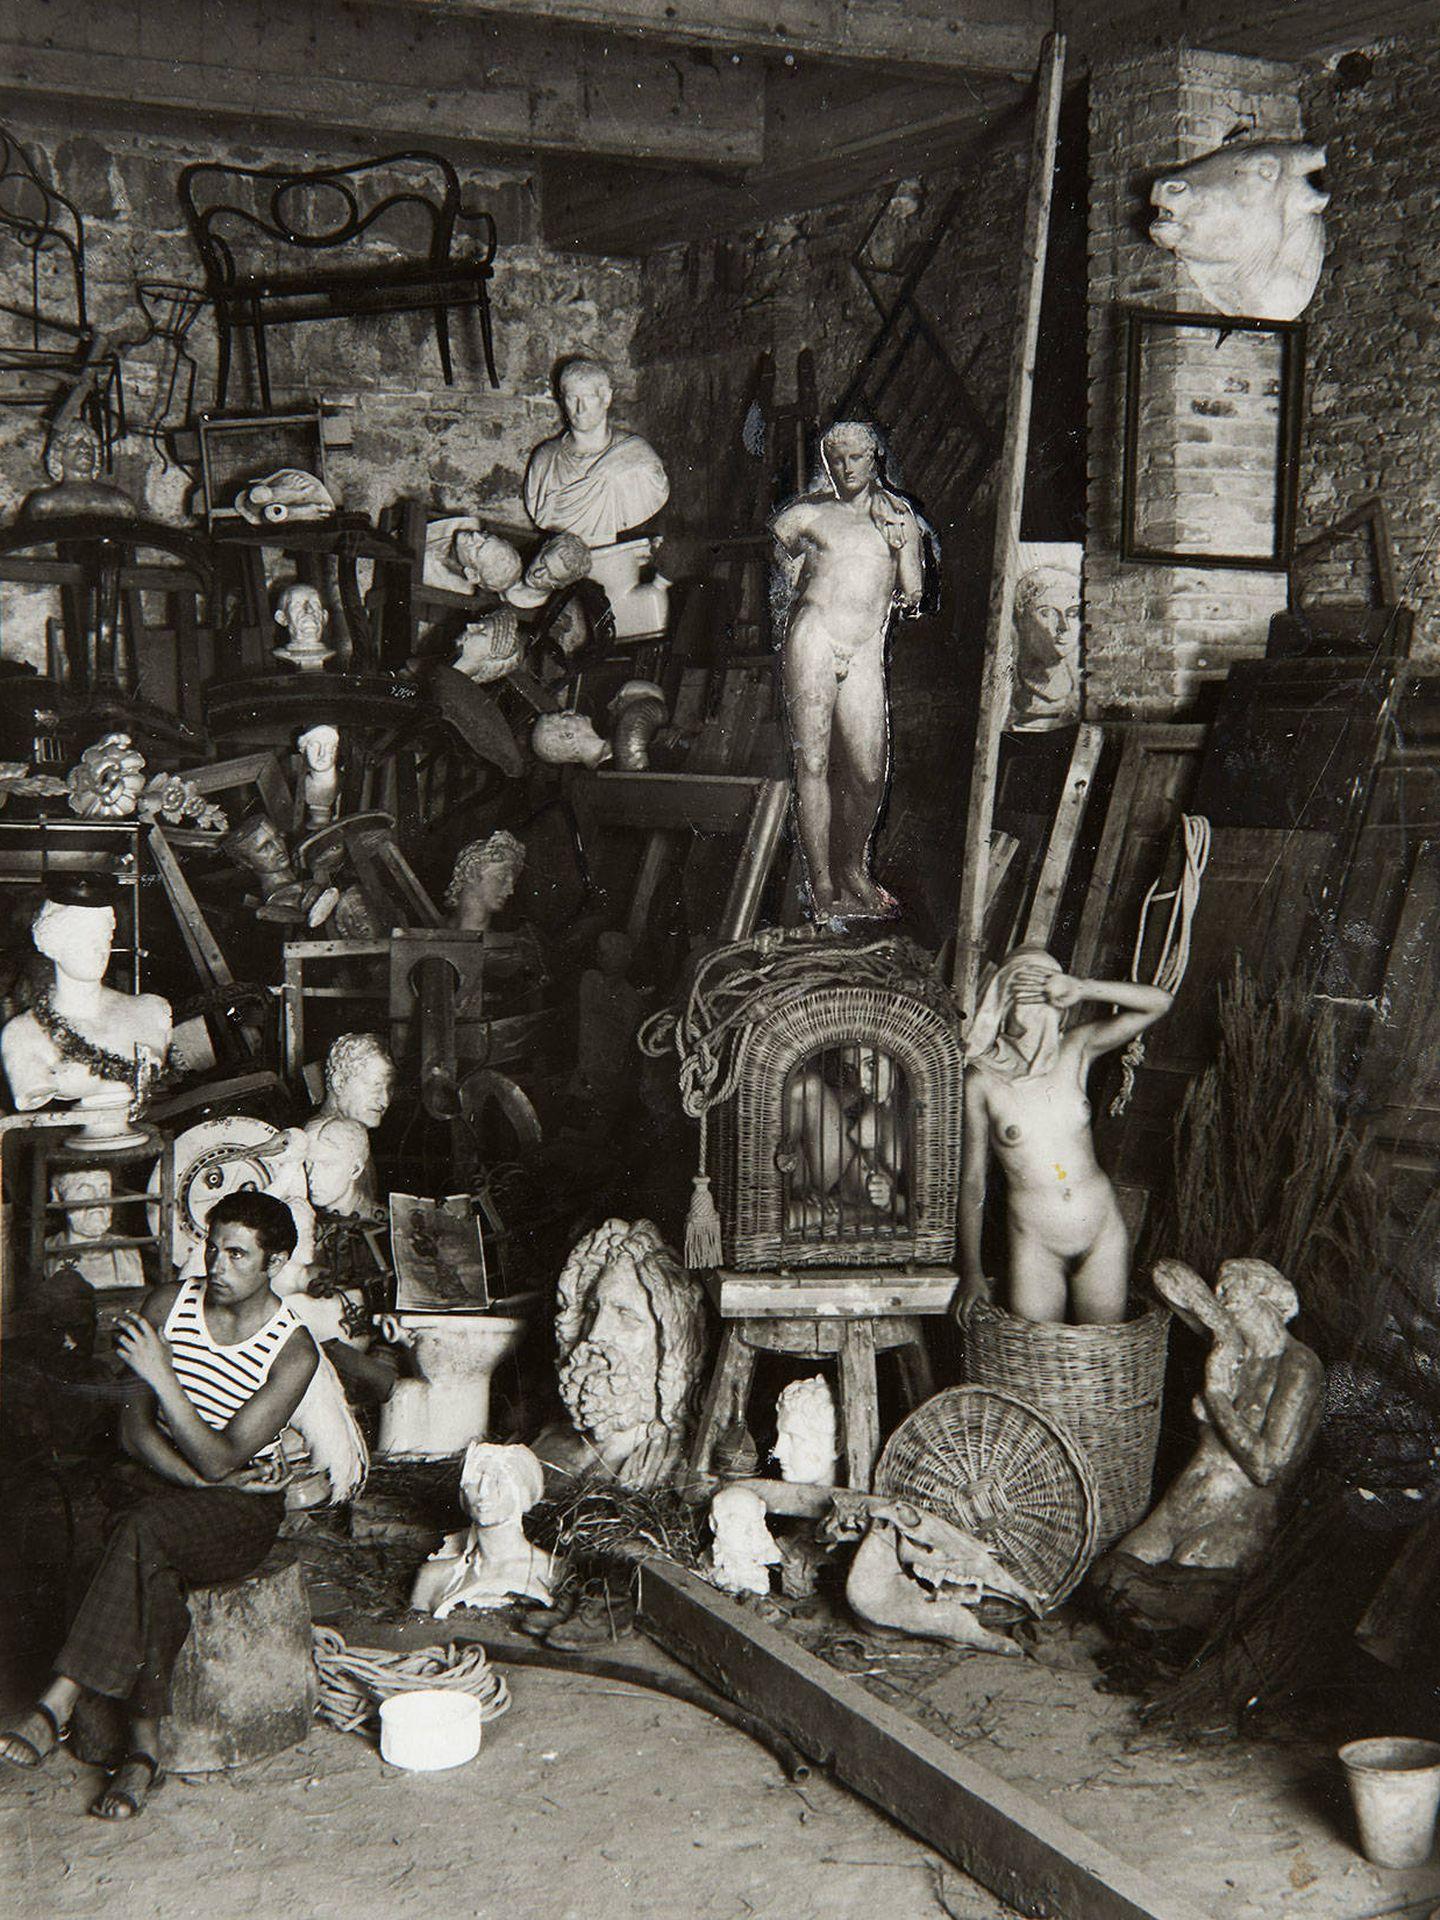 'Estudio del artista. Roma', Eduardo Chicharro y Gregorio Prieto, 1928-1932. Fundación Gregorio Prieto.